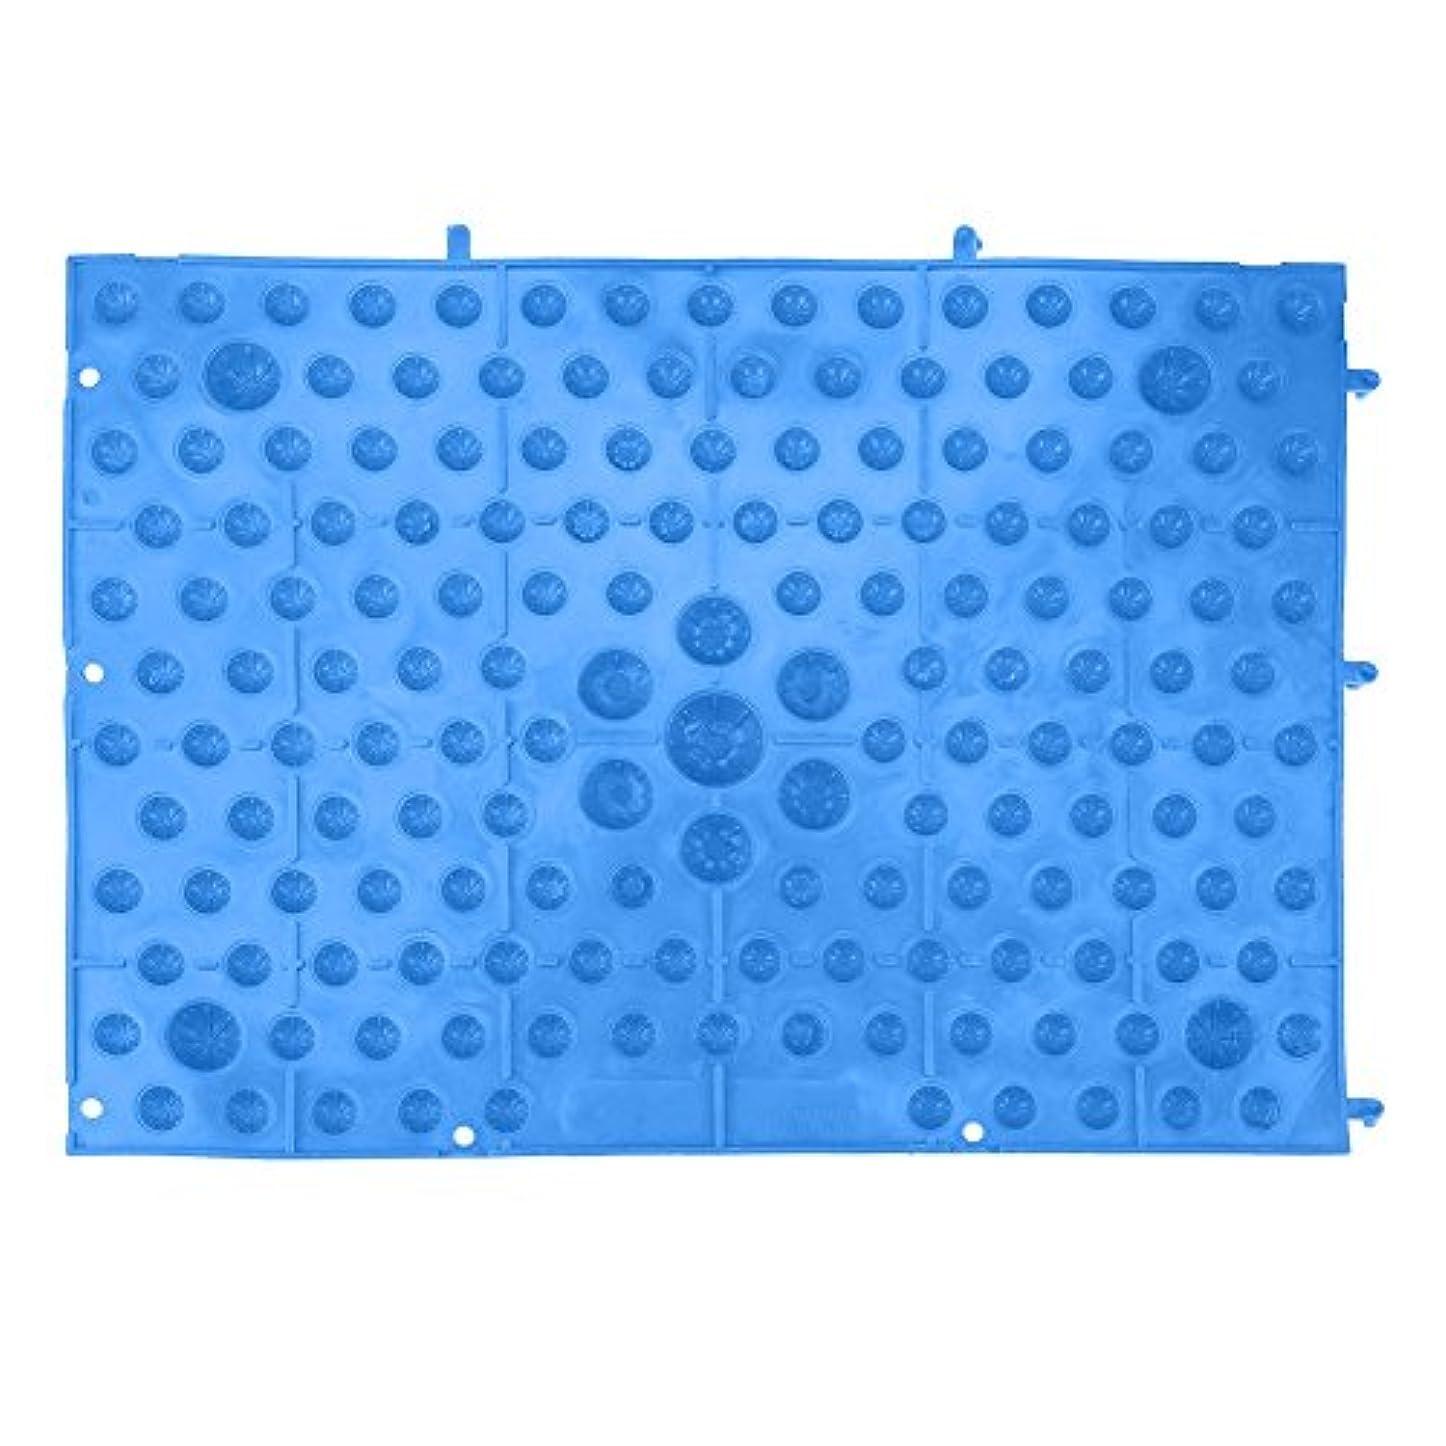 ボトル変形する端末フットマッサージマット 足つぼマット 足踏み 足ツボ 指圧シート 足の圧力プレート ヘルスケアマッサージマット 血液循環を促進する 室内外 運動 余暇 全6色(ブルー)